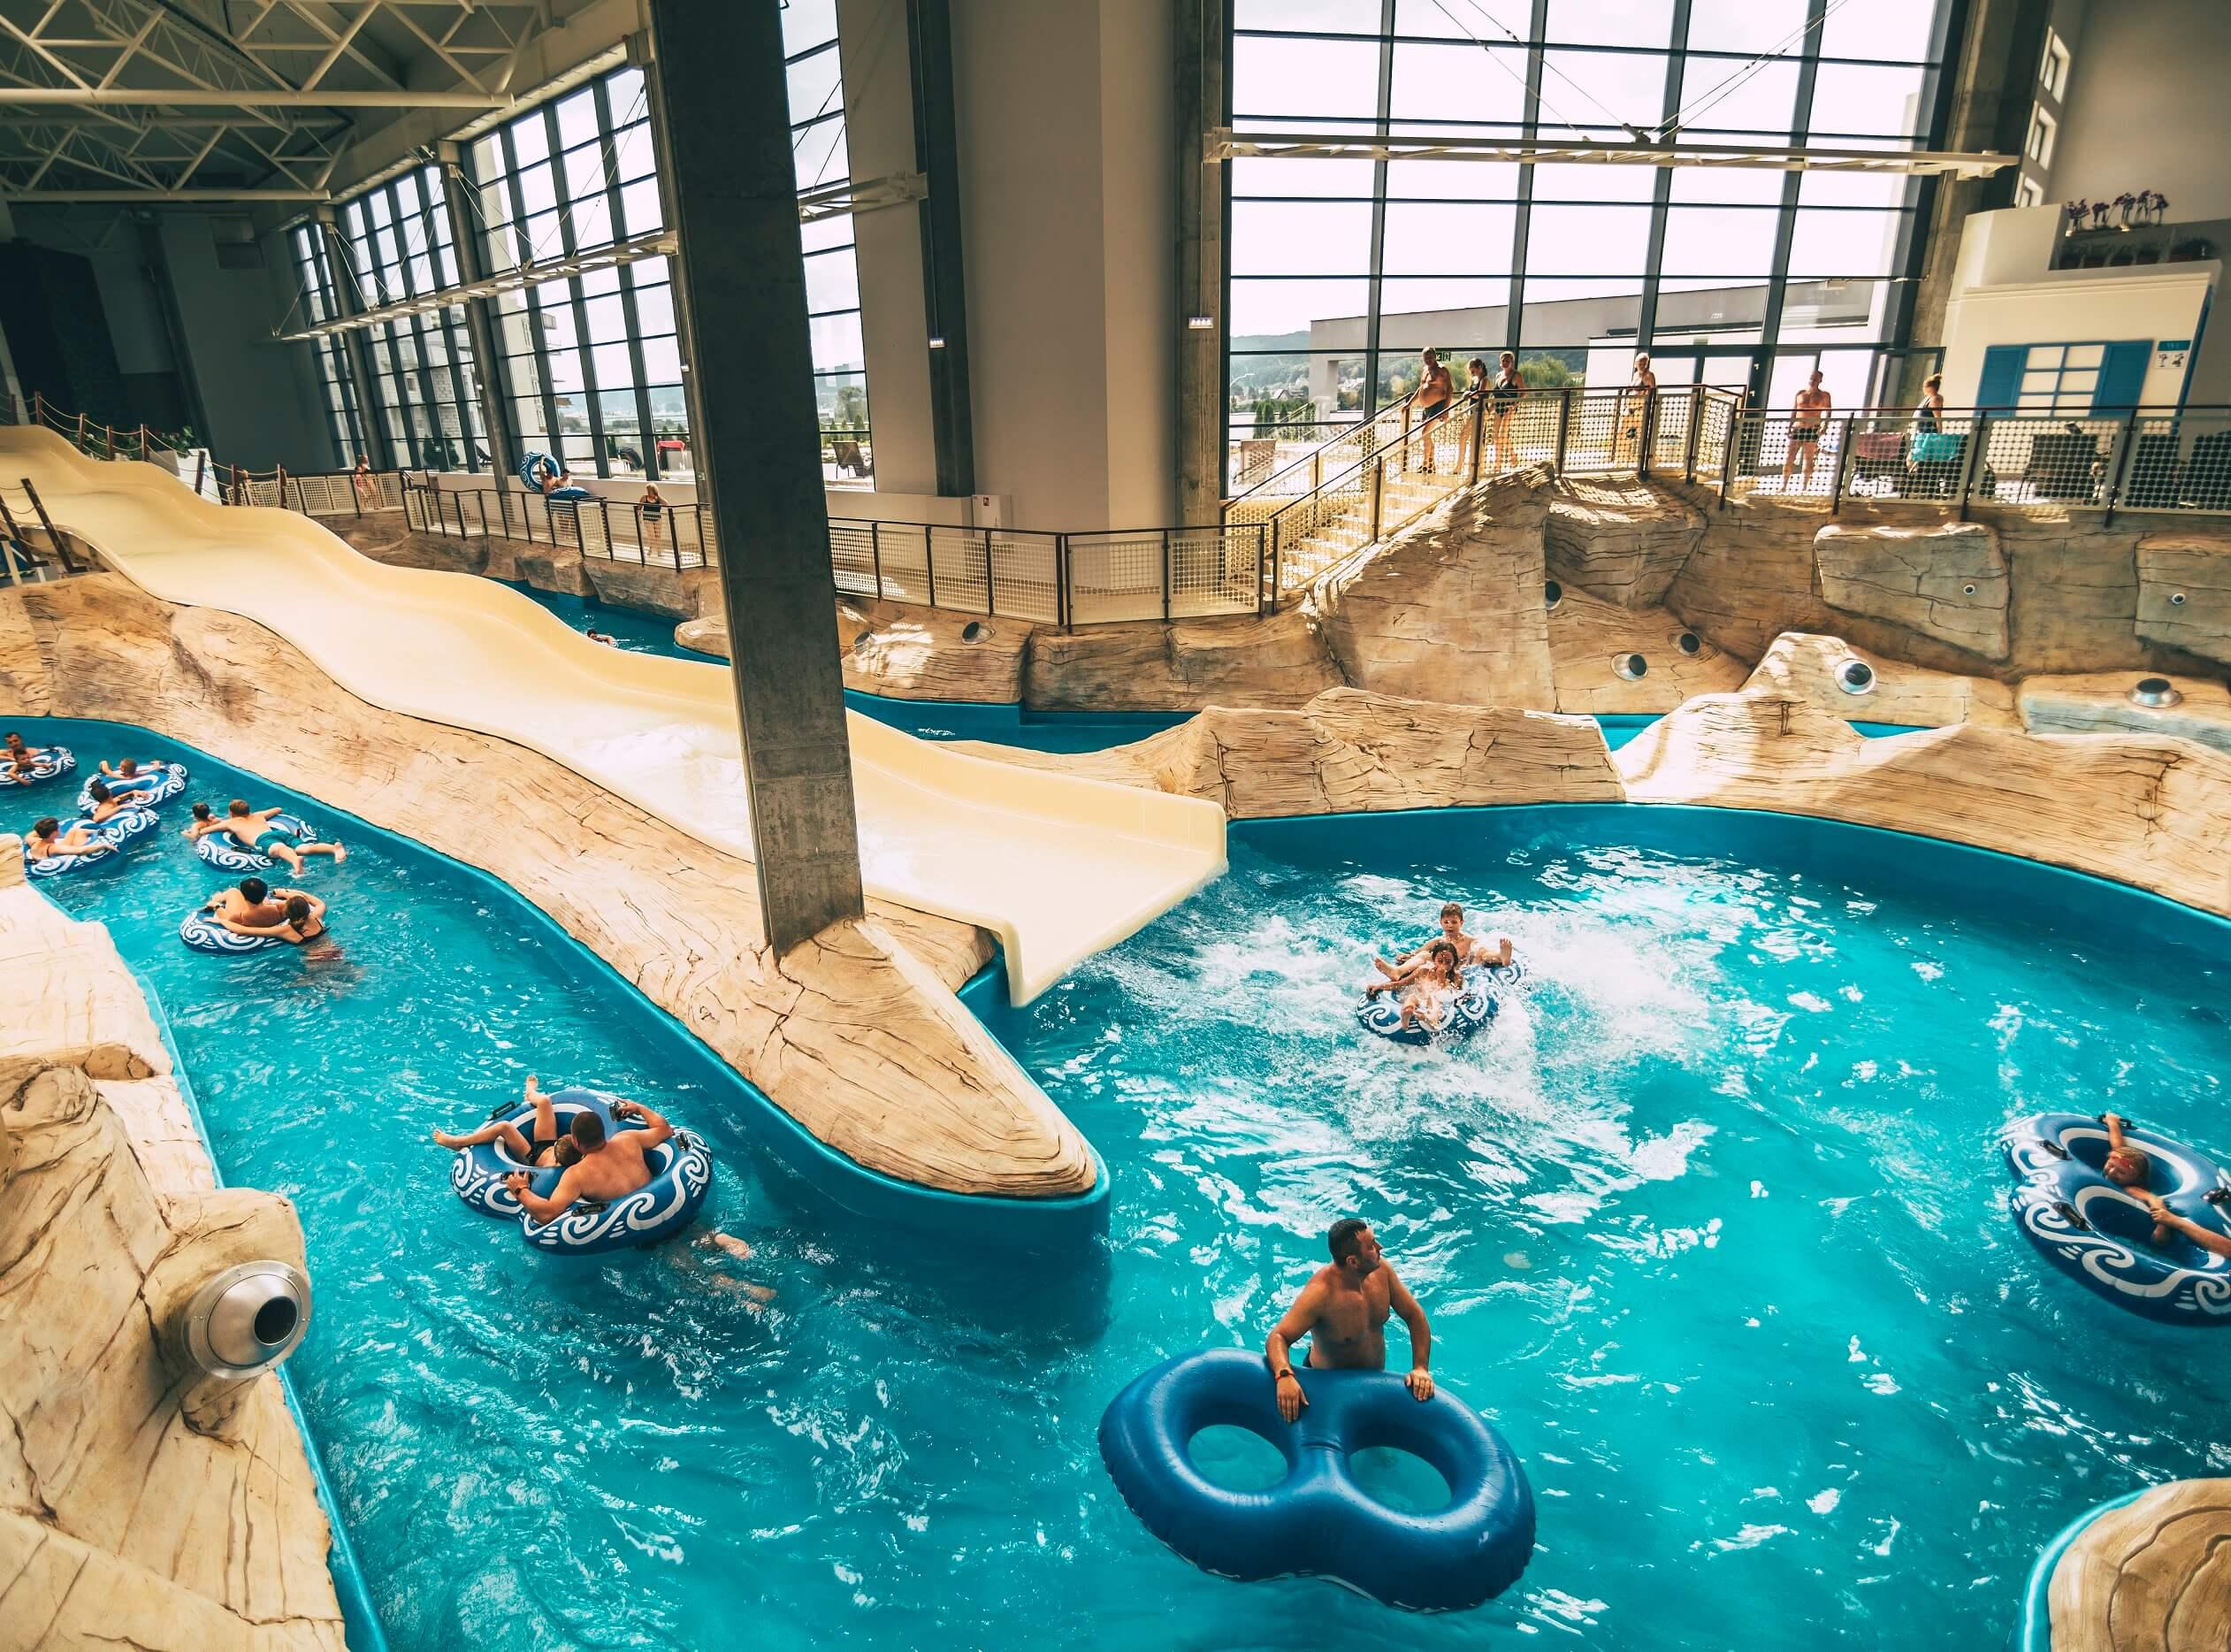 Trojmiasto aquapark 1 - Czas na city break w Trójmieście